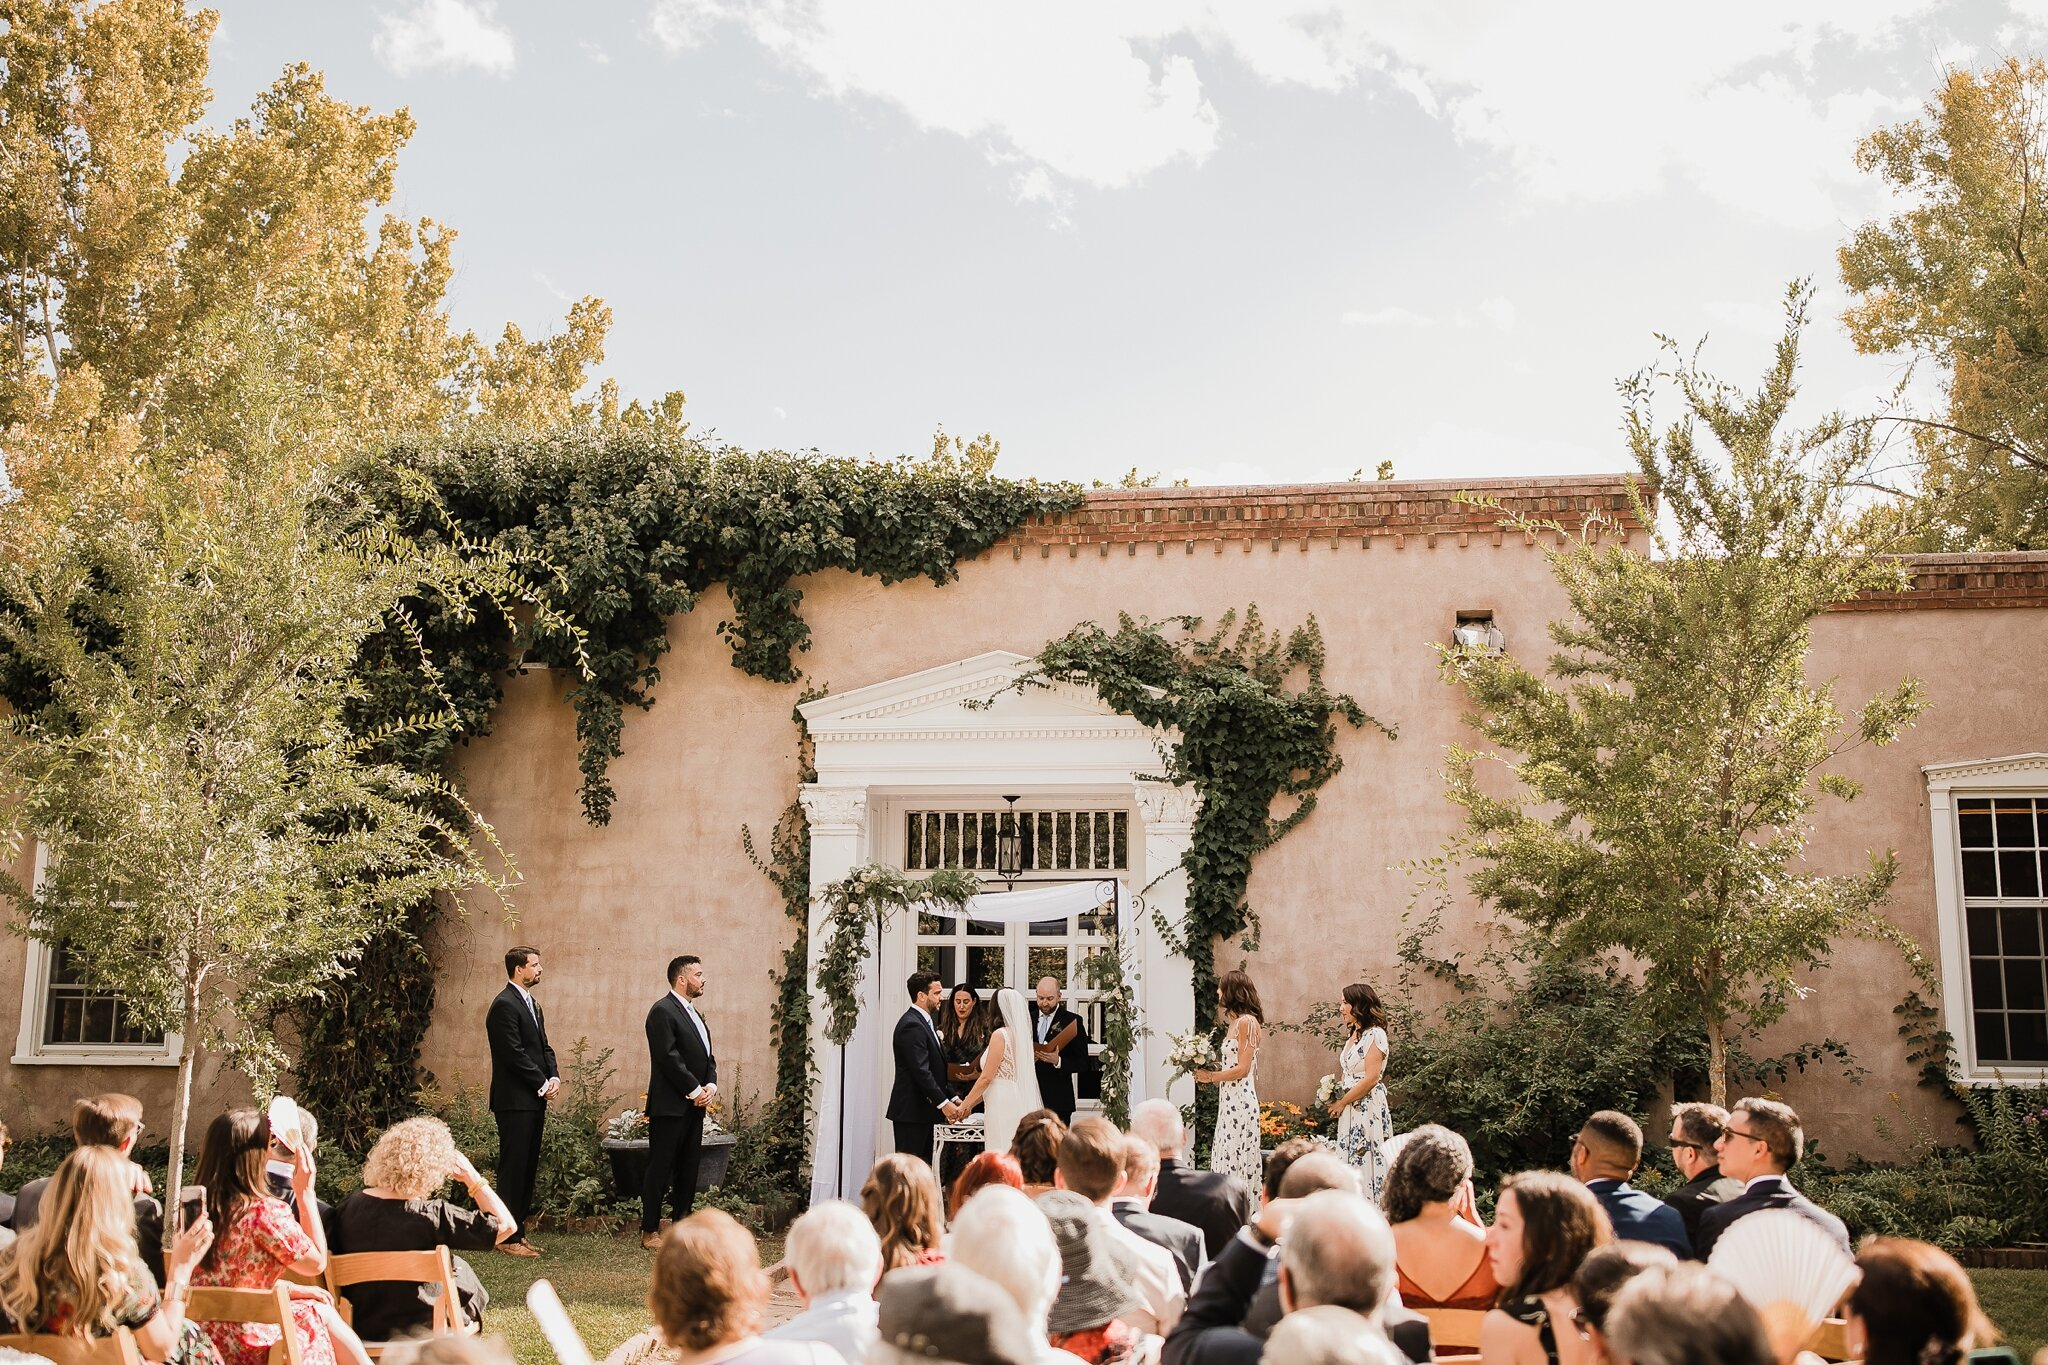 Alicia+lucia+photography+-+albuquerque+wedding+photographer+-+santa+fe+wedding+photography+-+new+mexico+wedding+photographer+-+new+mexico+wedding+-+wedding+-+albuquerque+wedding+-+los+poblanos+-+los+poblanos+wedding+-+fall+wedding_0054.jpg